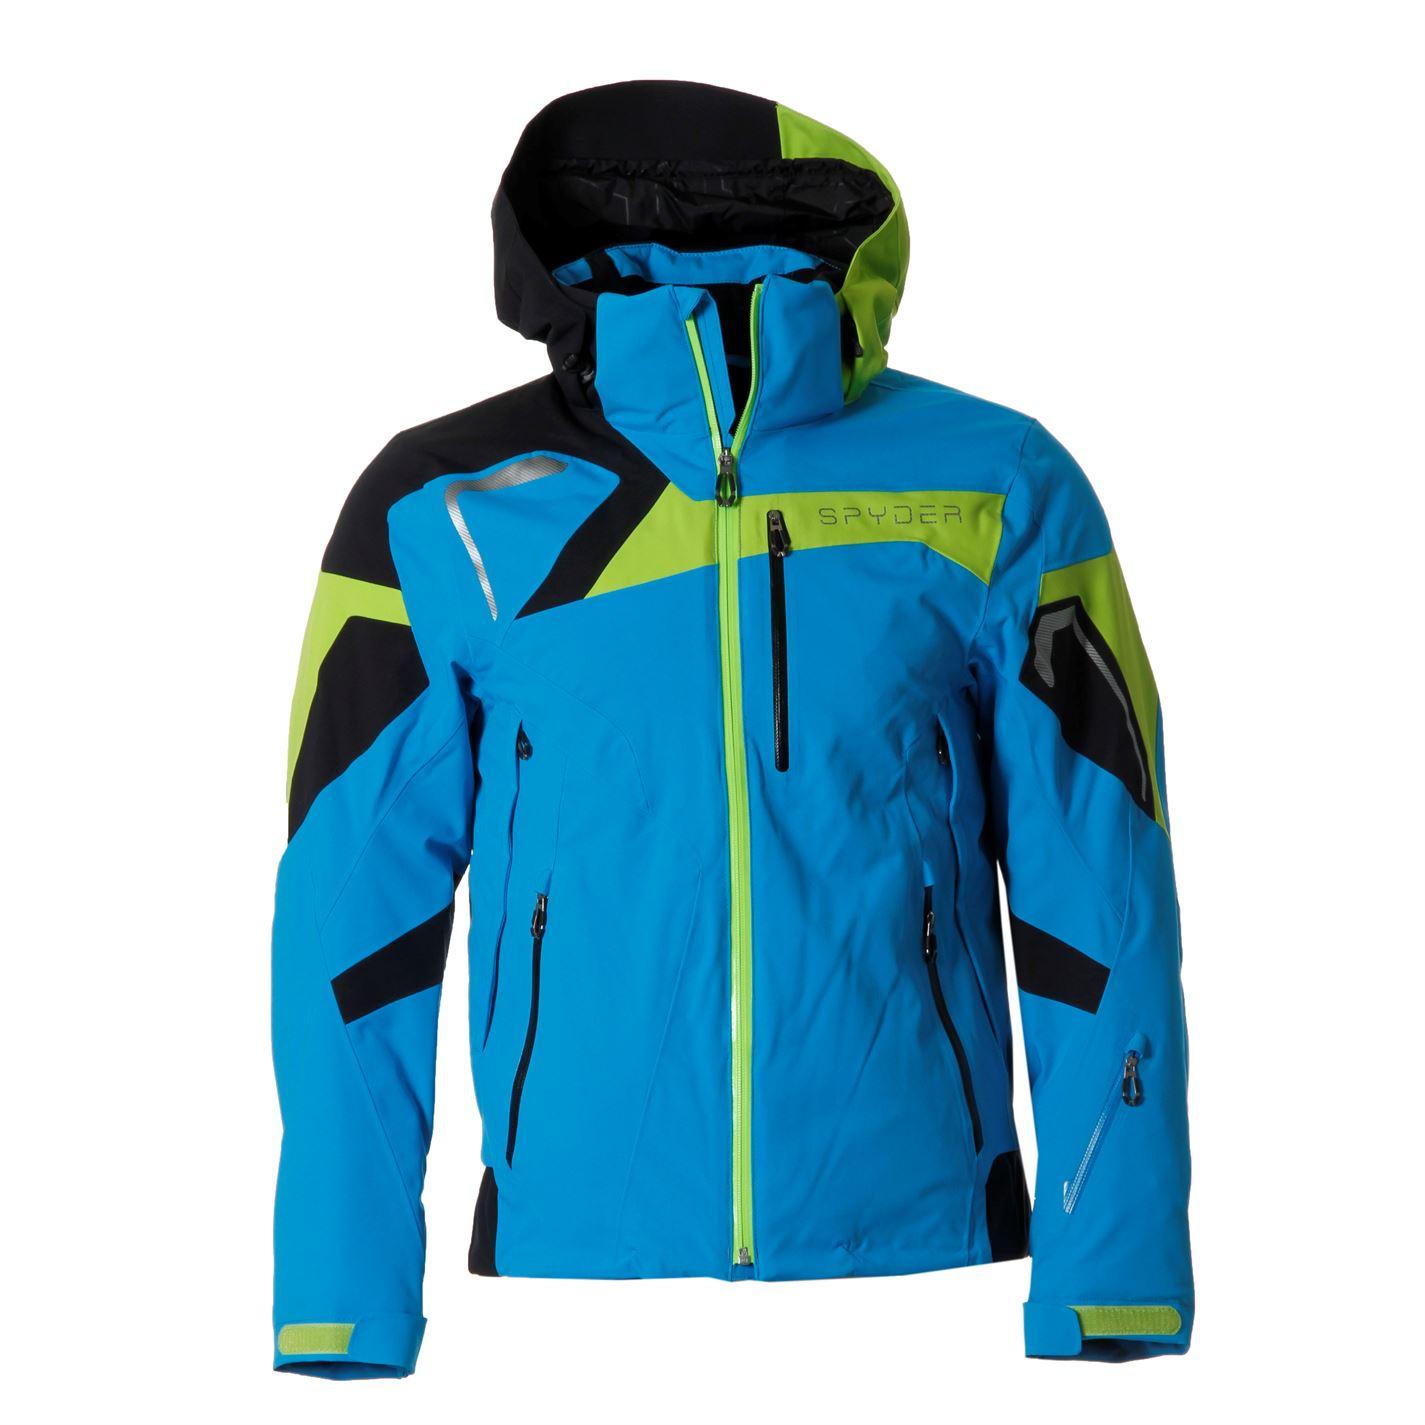 Geaca Ski Spyder Titan Pentru Barbati